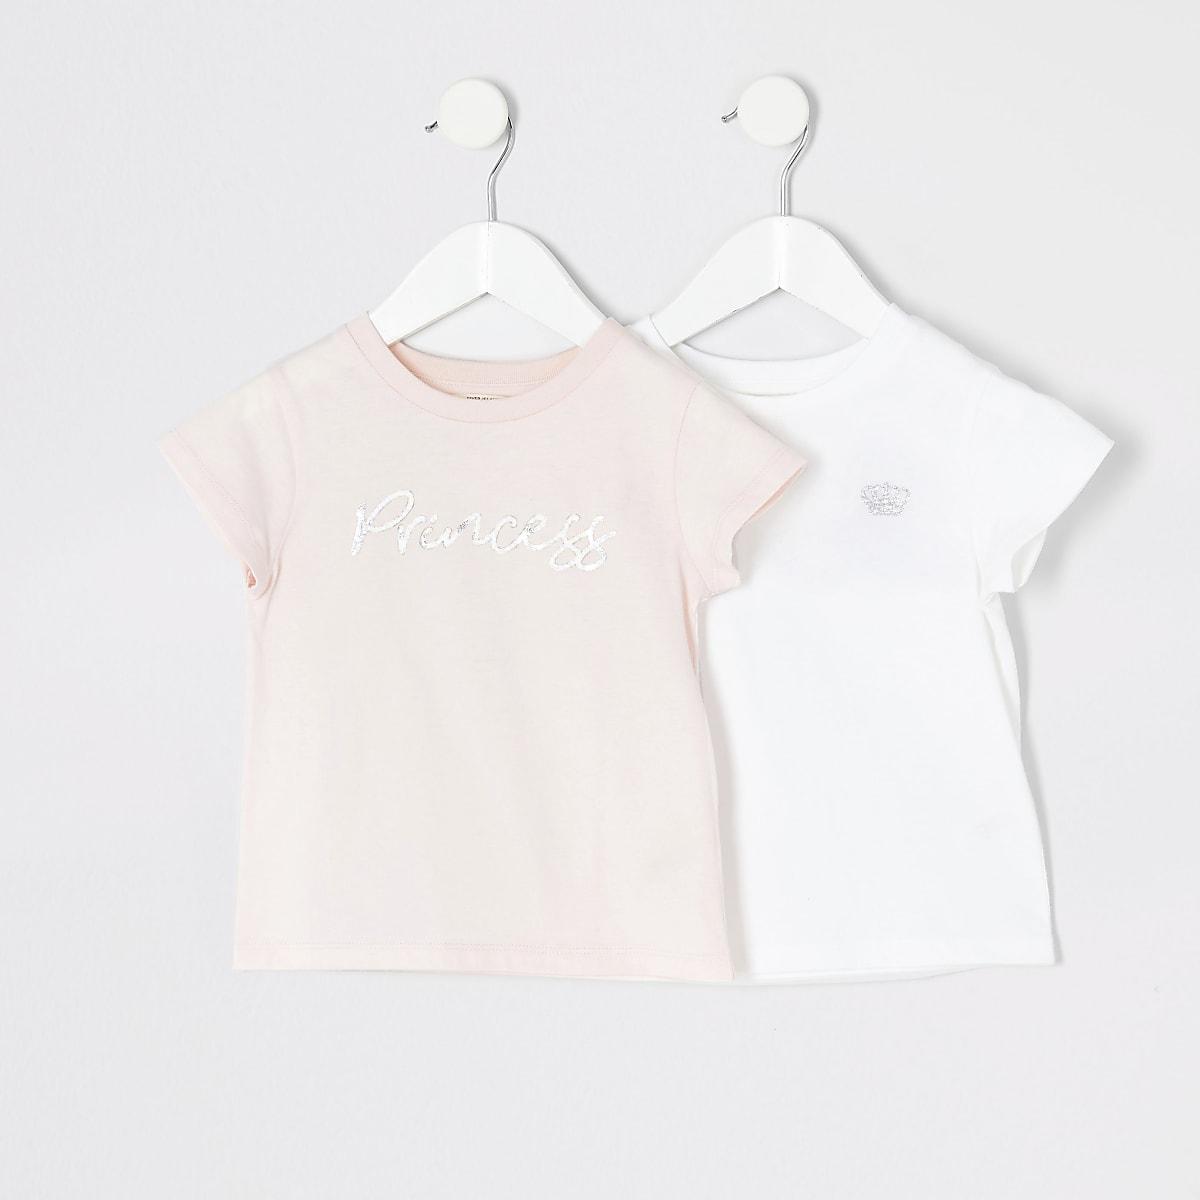 Mini - Roze 'Princess' T-shirt set van2 voor meisjes